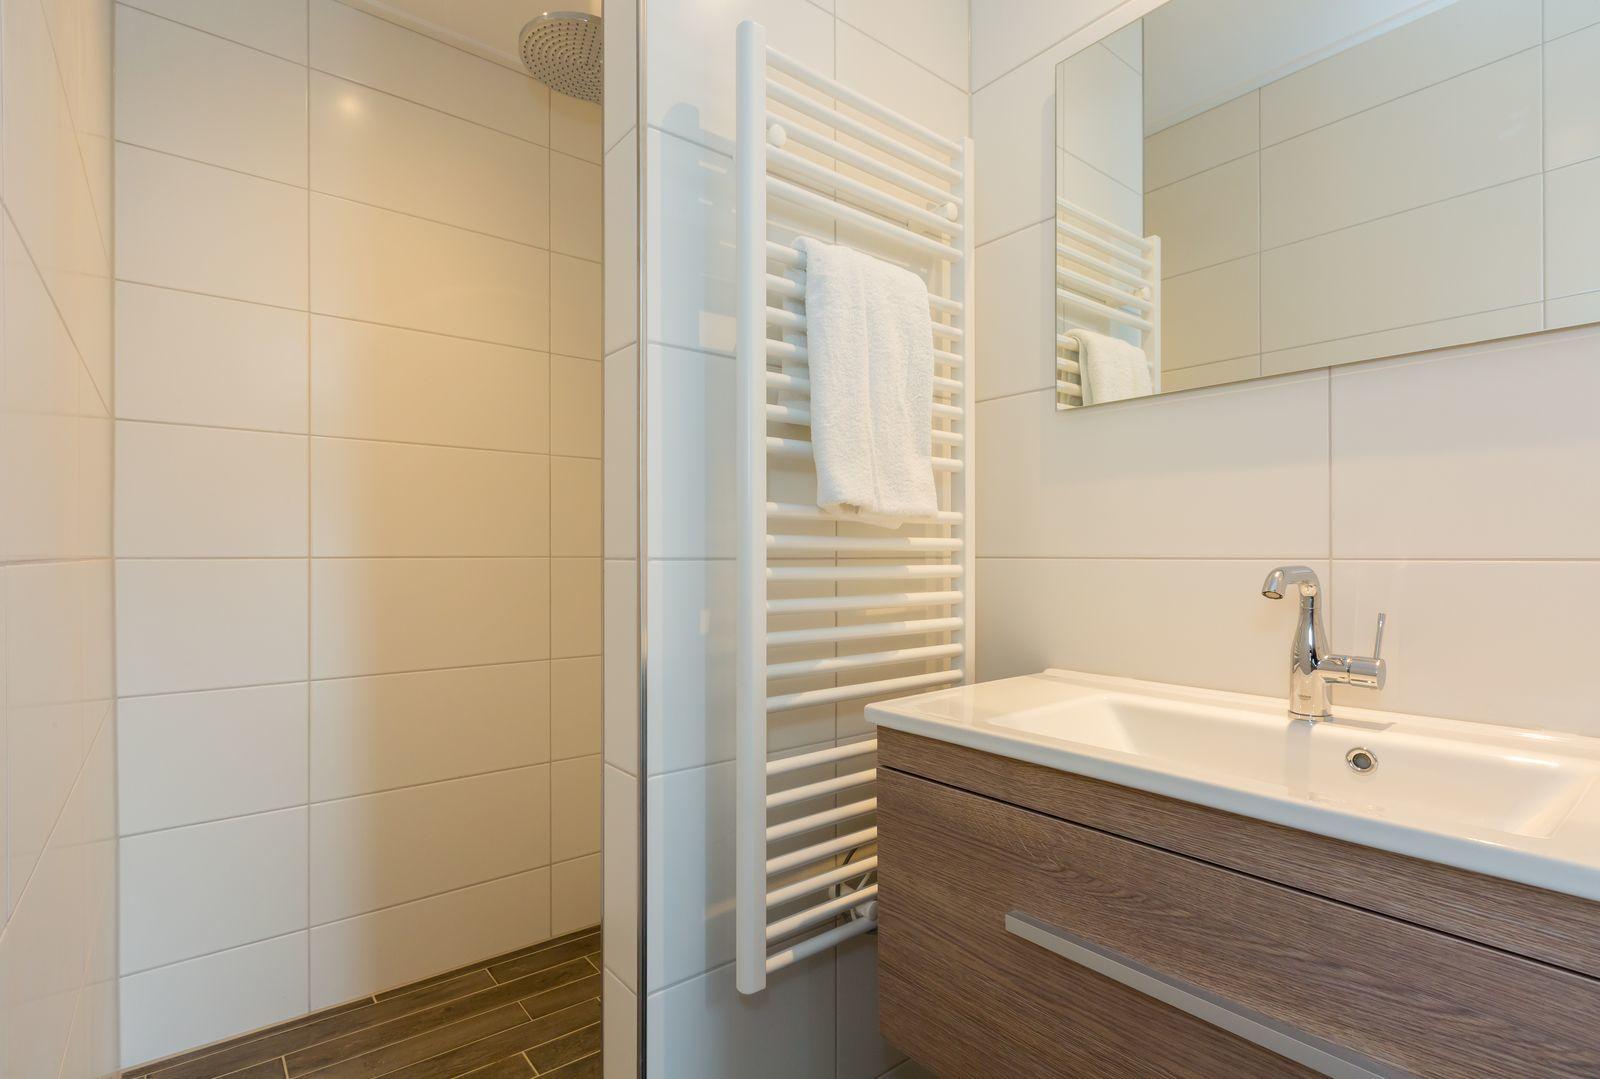 Apartment - Noordweg 56a | Oostkapelle Comfort 4 personen